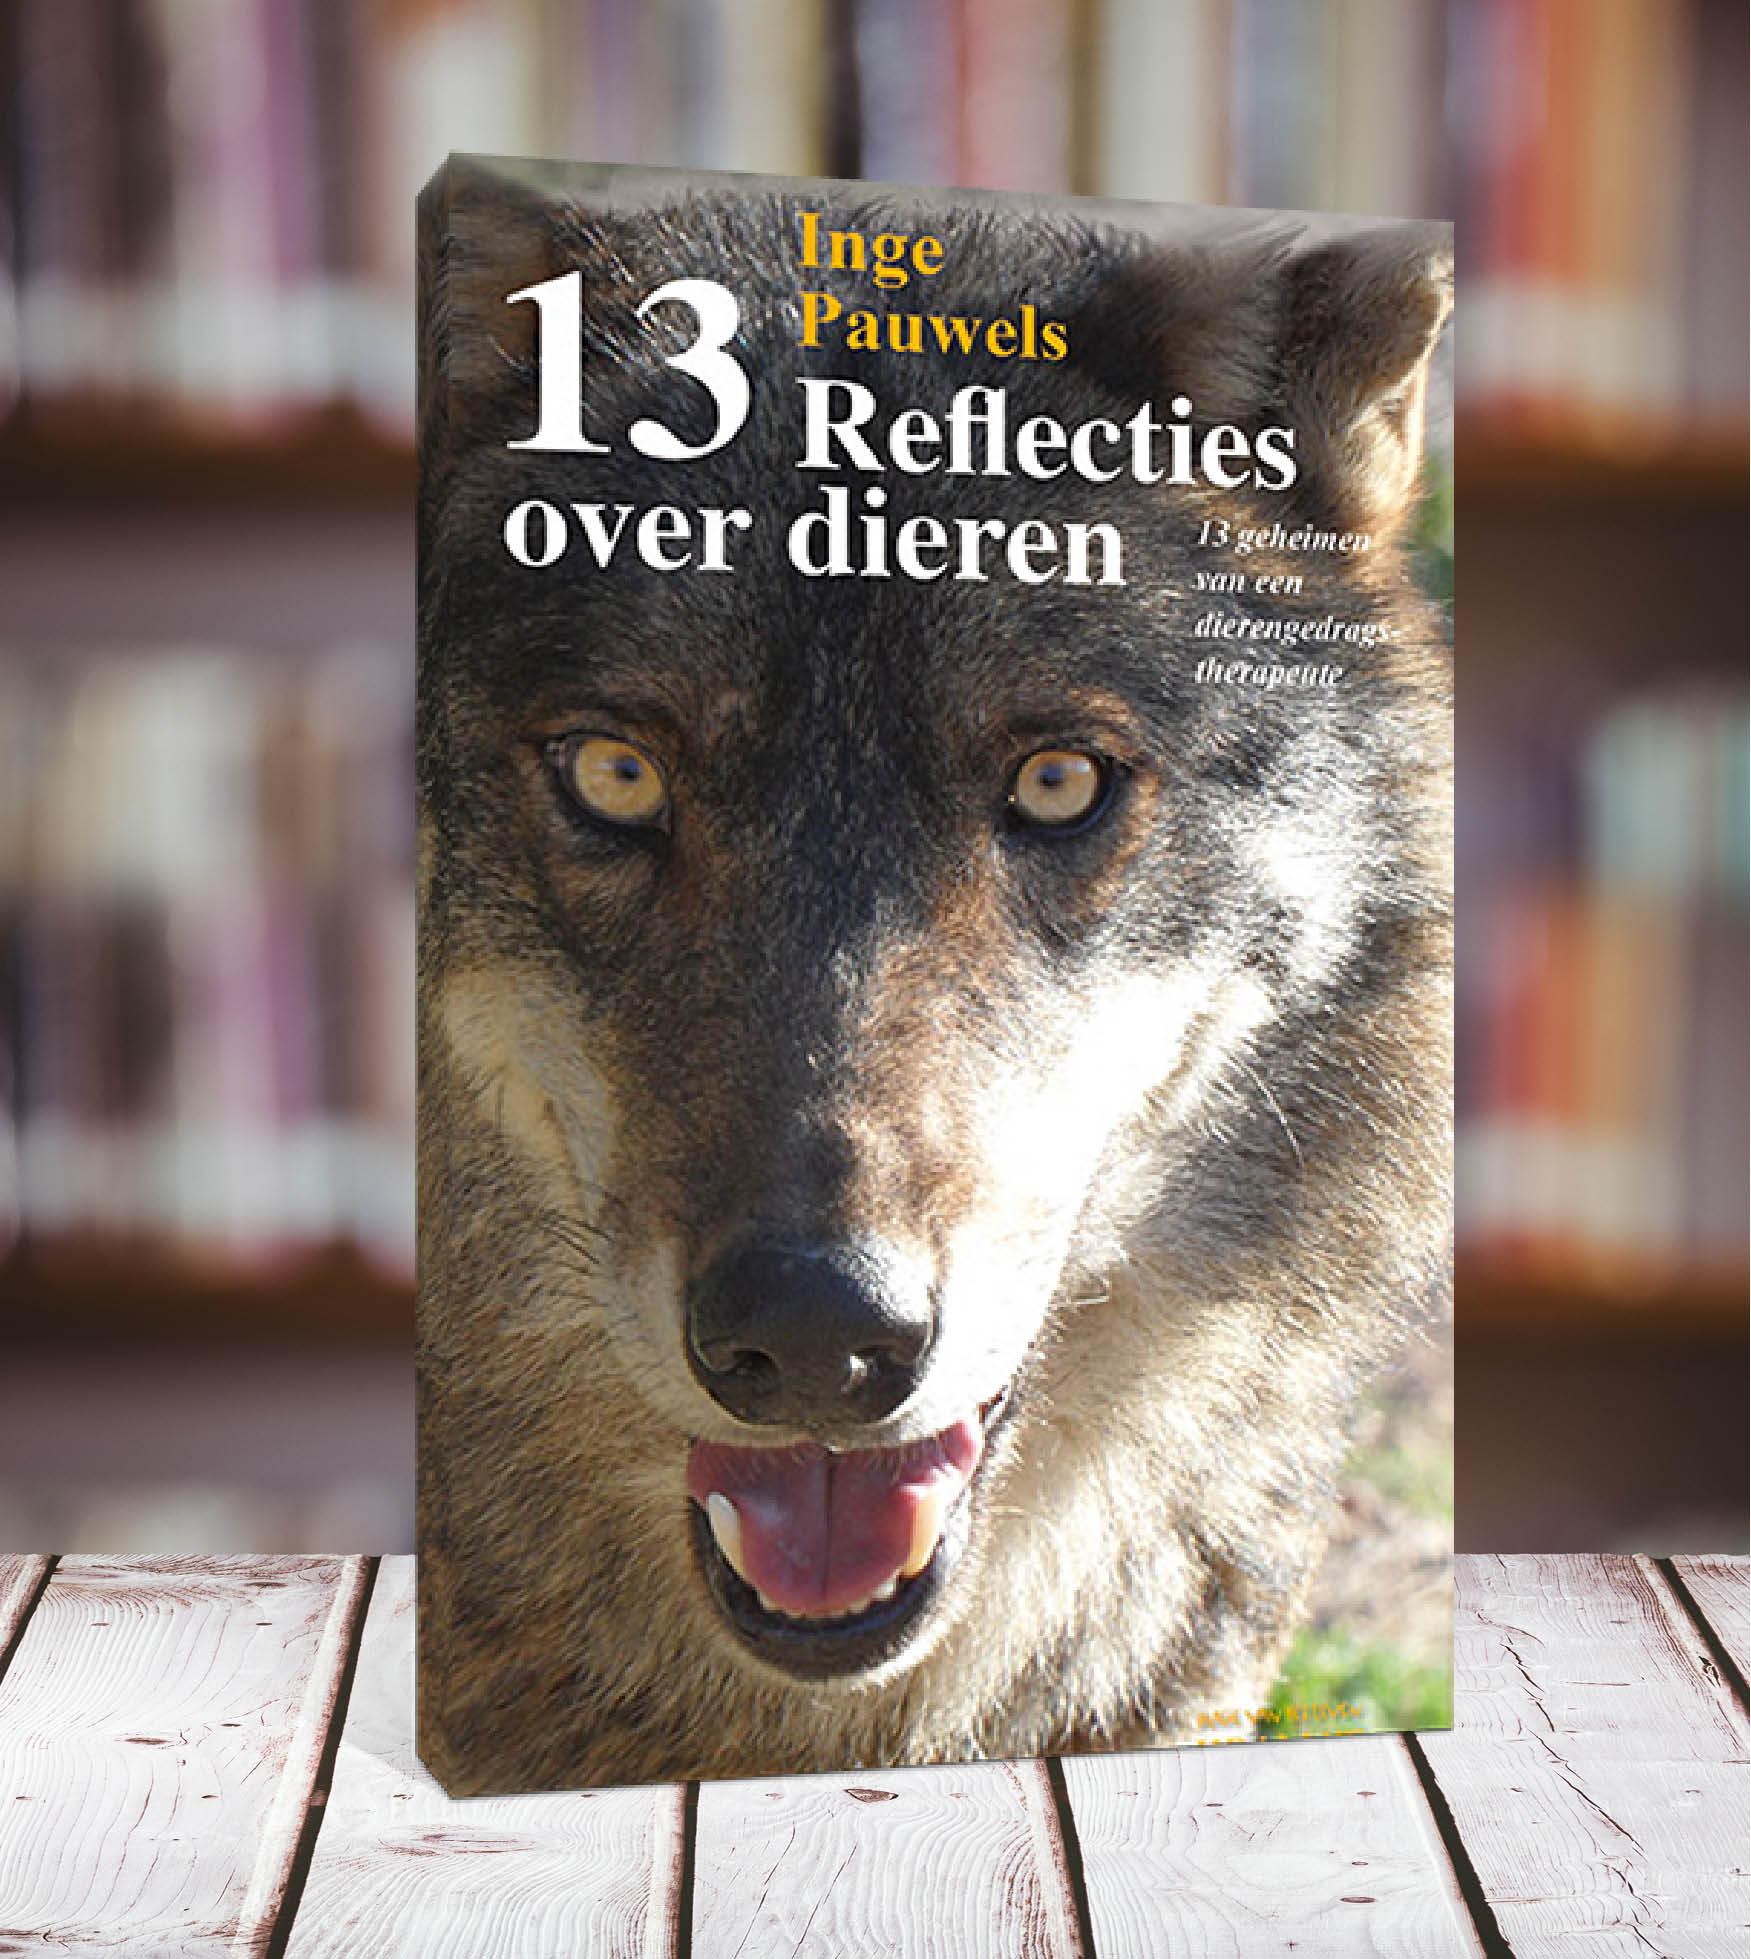 Photo of Recensie: 13 geheimen van een dierengedrachtstherapeute